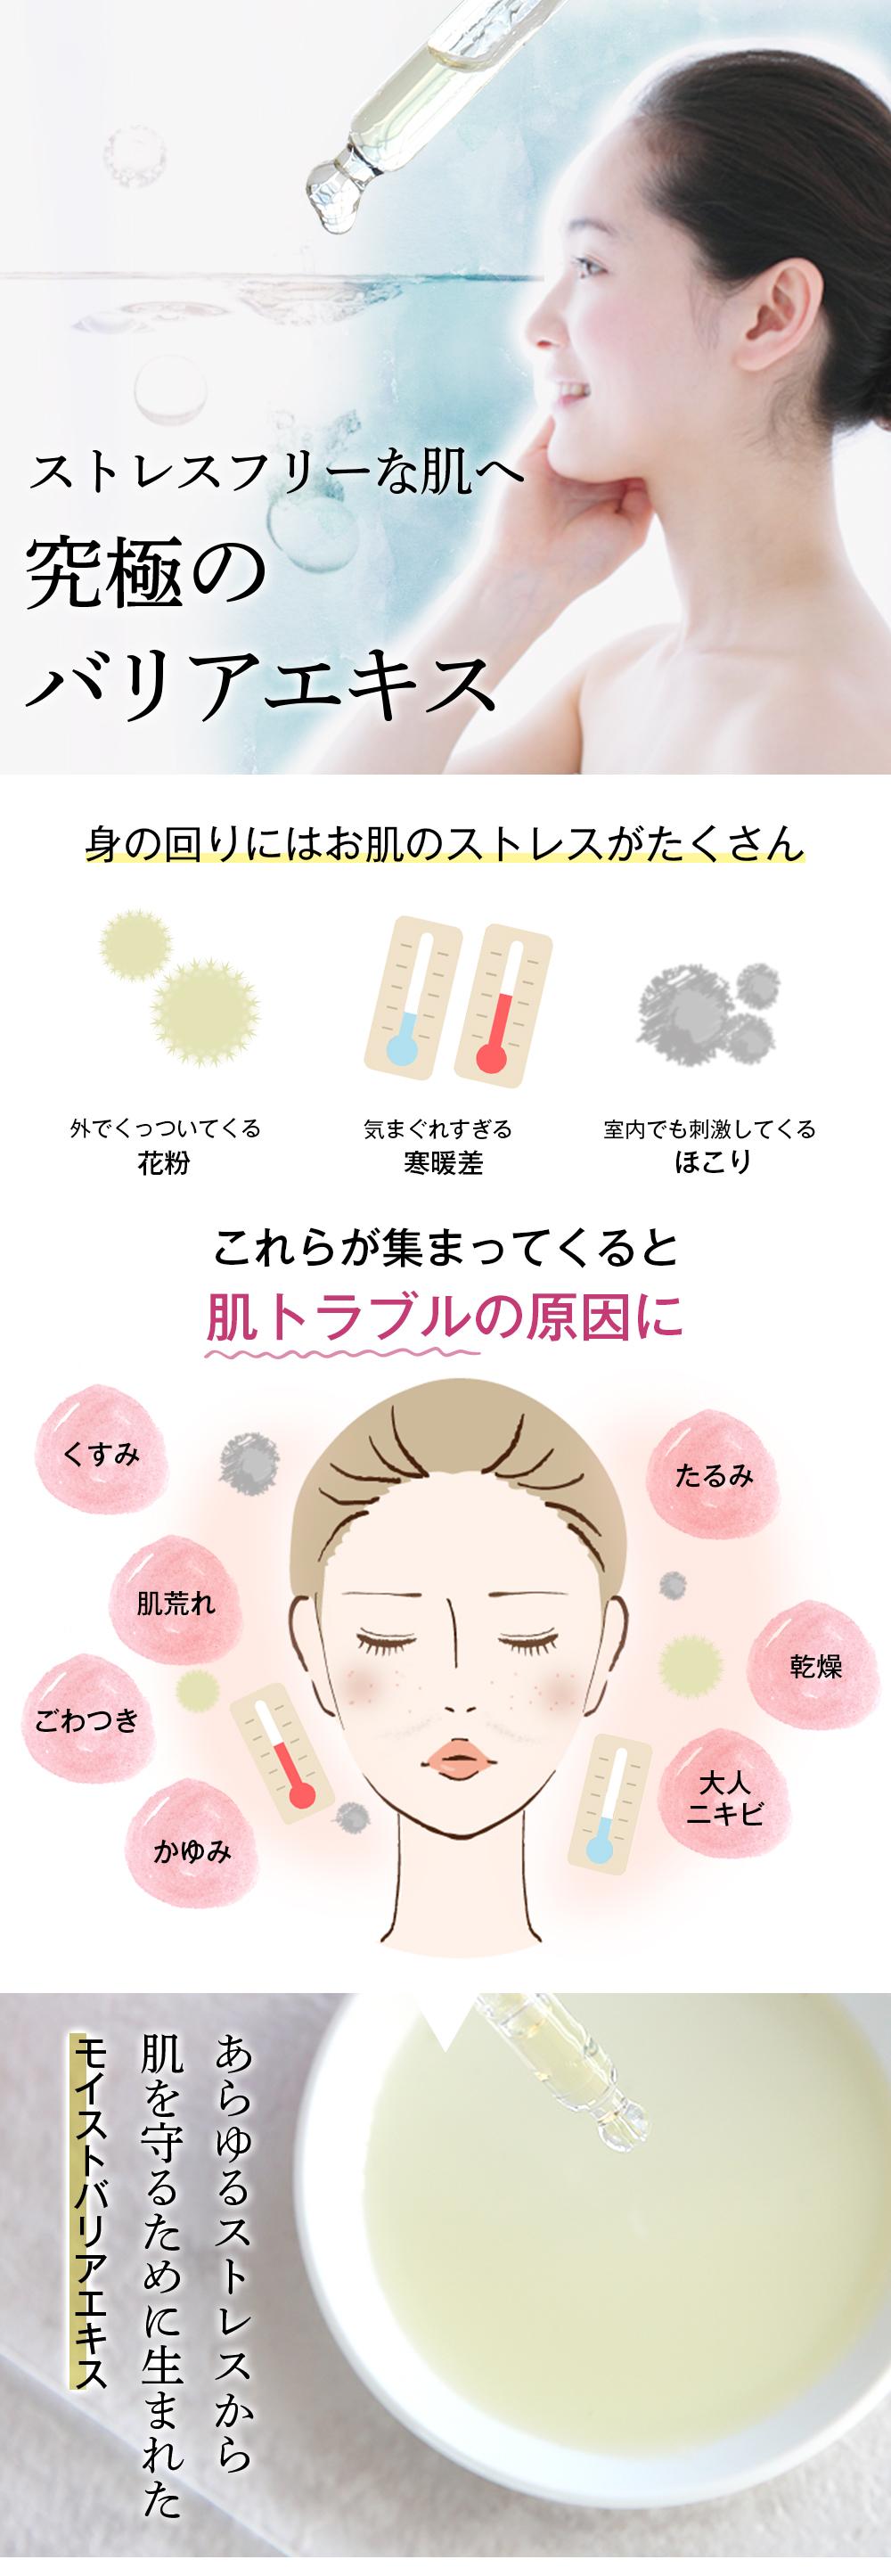 花粉、寒暖差、ほこりなどお肌のストレスから守るバリアエキス。でくすみ、肌荒れたるみ、毛穴、乾燥、しわをケア